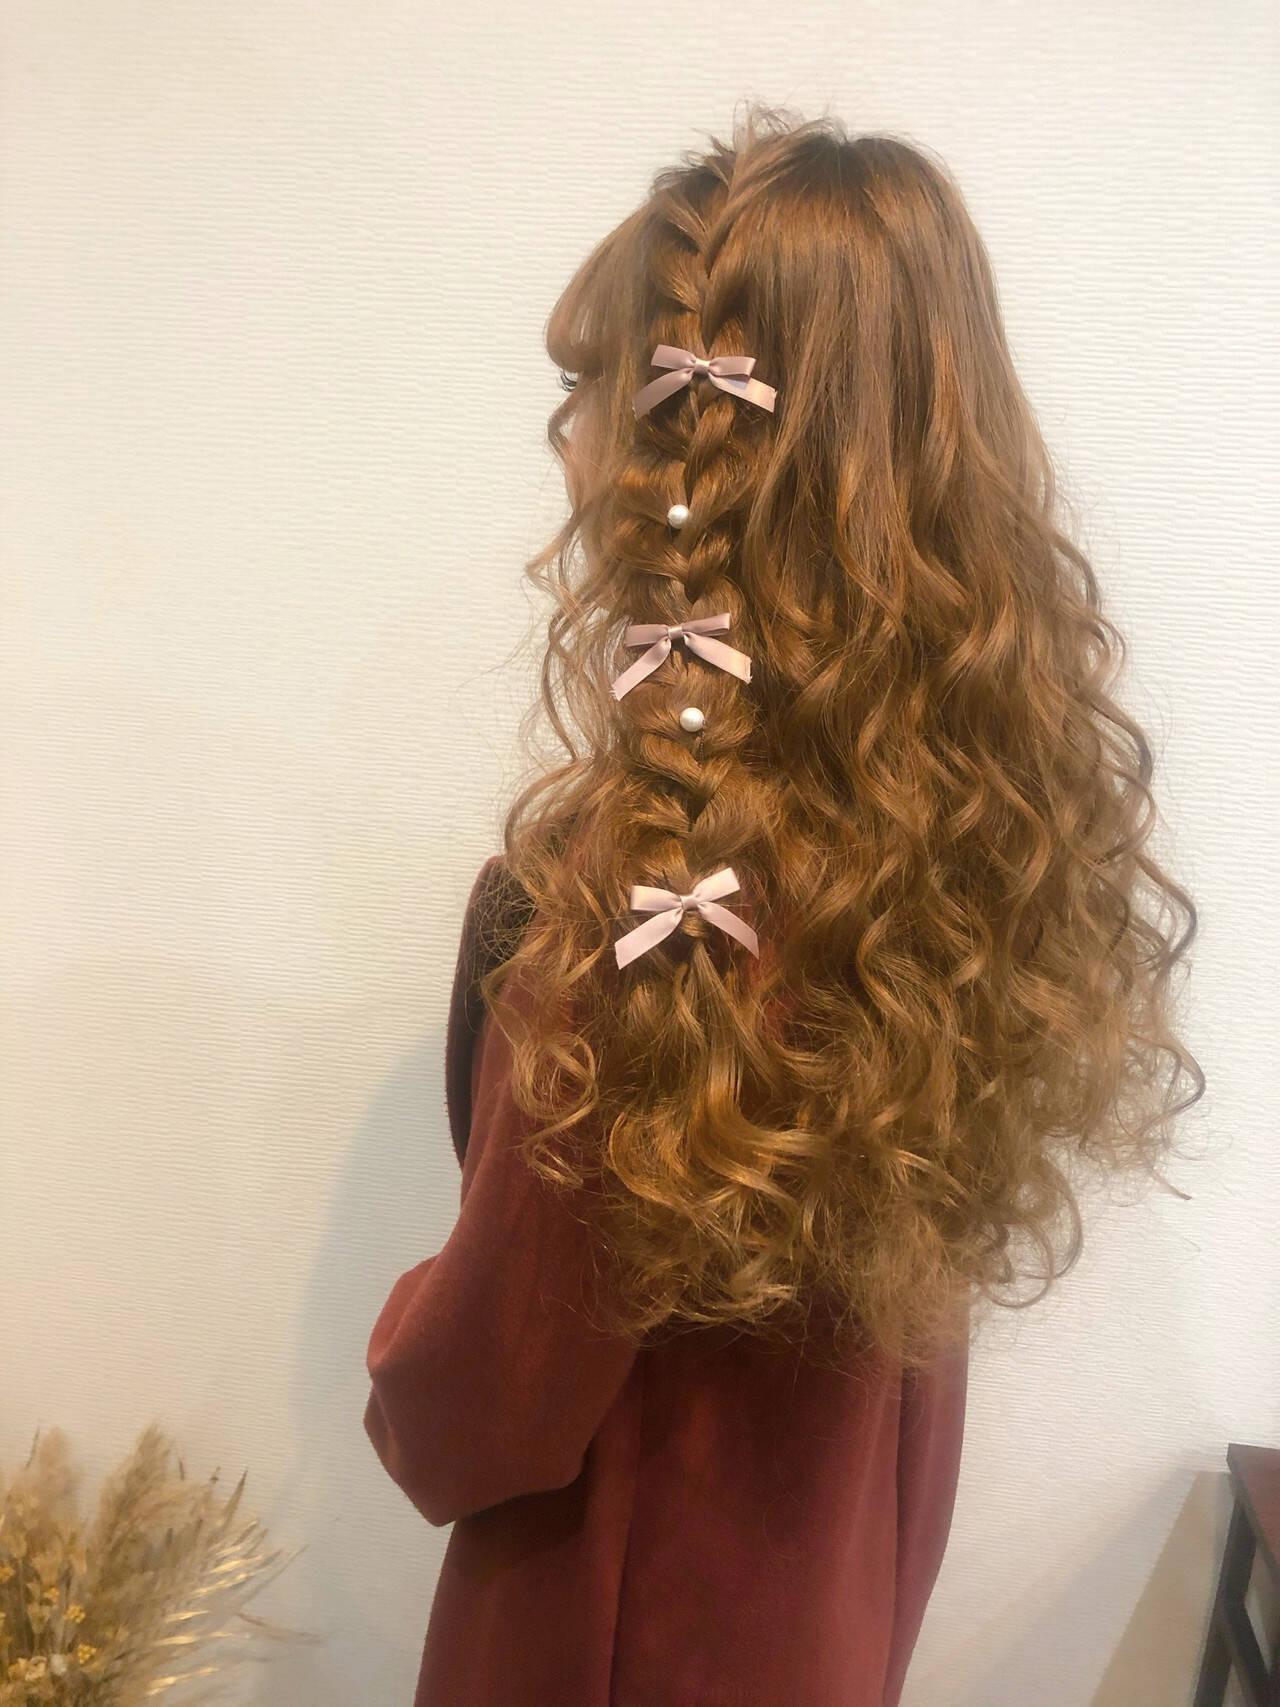 フェミニン 編み込みヘア ハーフアップ ロングヘアスタイルや髪型の写真・画像